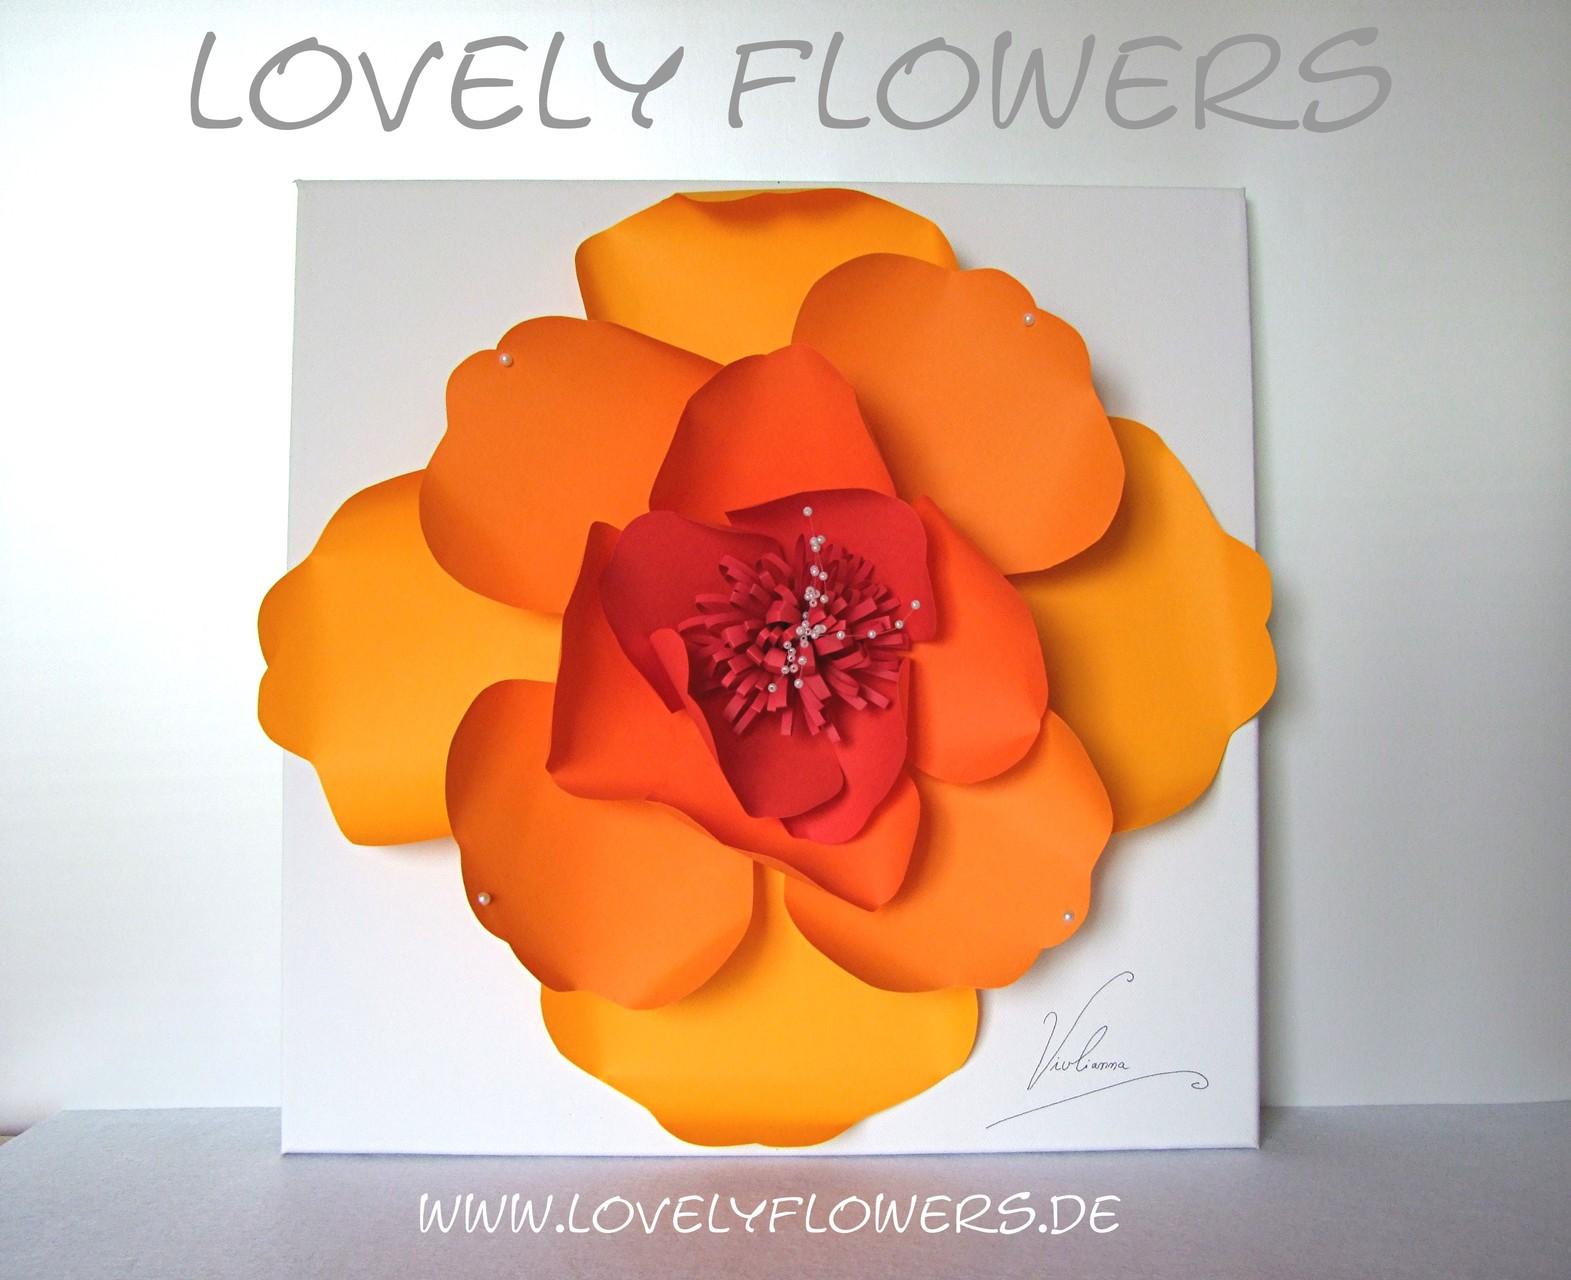 www.lovelyflowers.de - Dein Spezialist für PAPER-ART-Blumenbilder für Zuhause und Business!